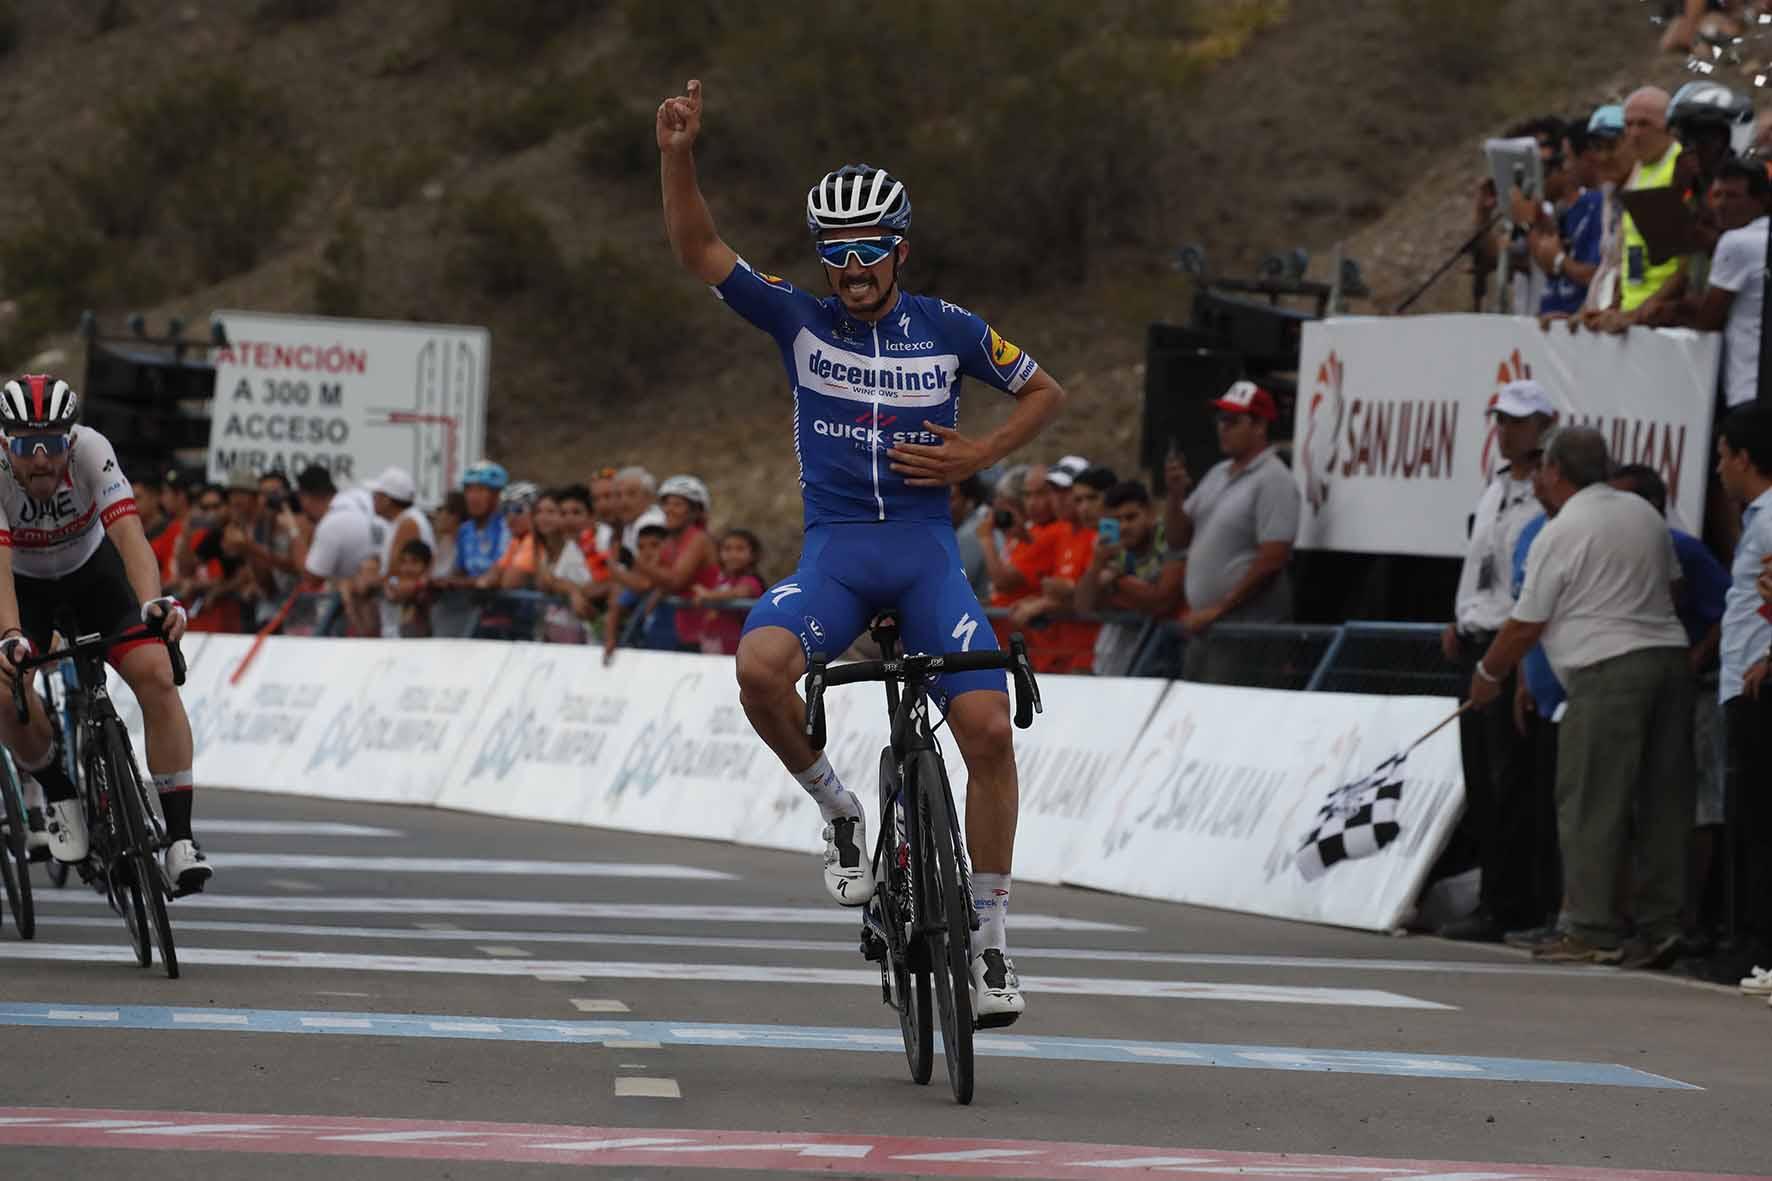 Julian Alaphilippe vince la seconda tappa della Vuelta a San Juan 2019